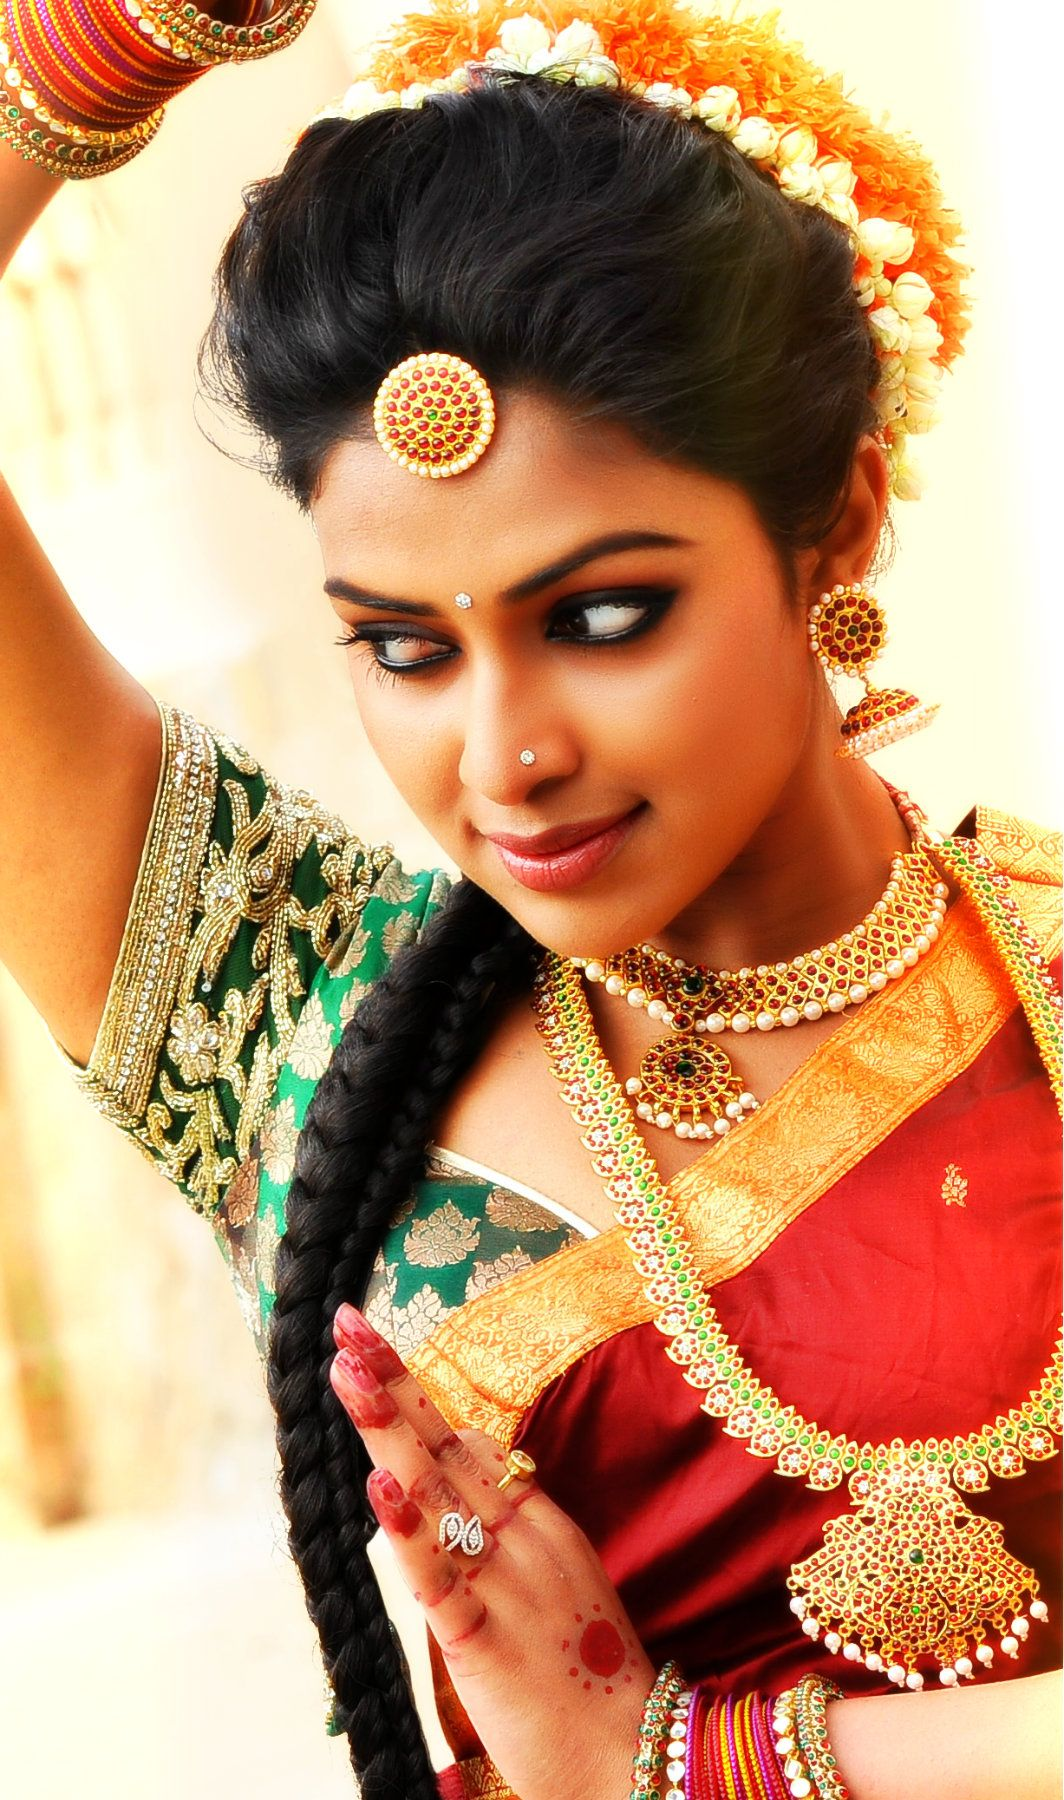 indianwedding #shaadi #southindian #classic #indianstyle